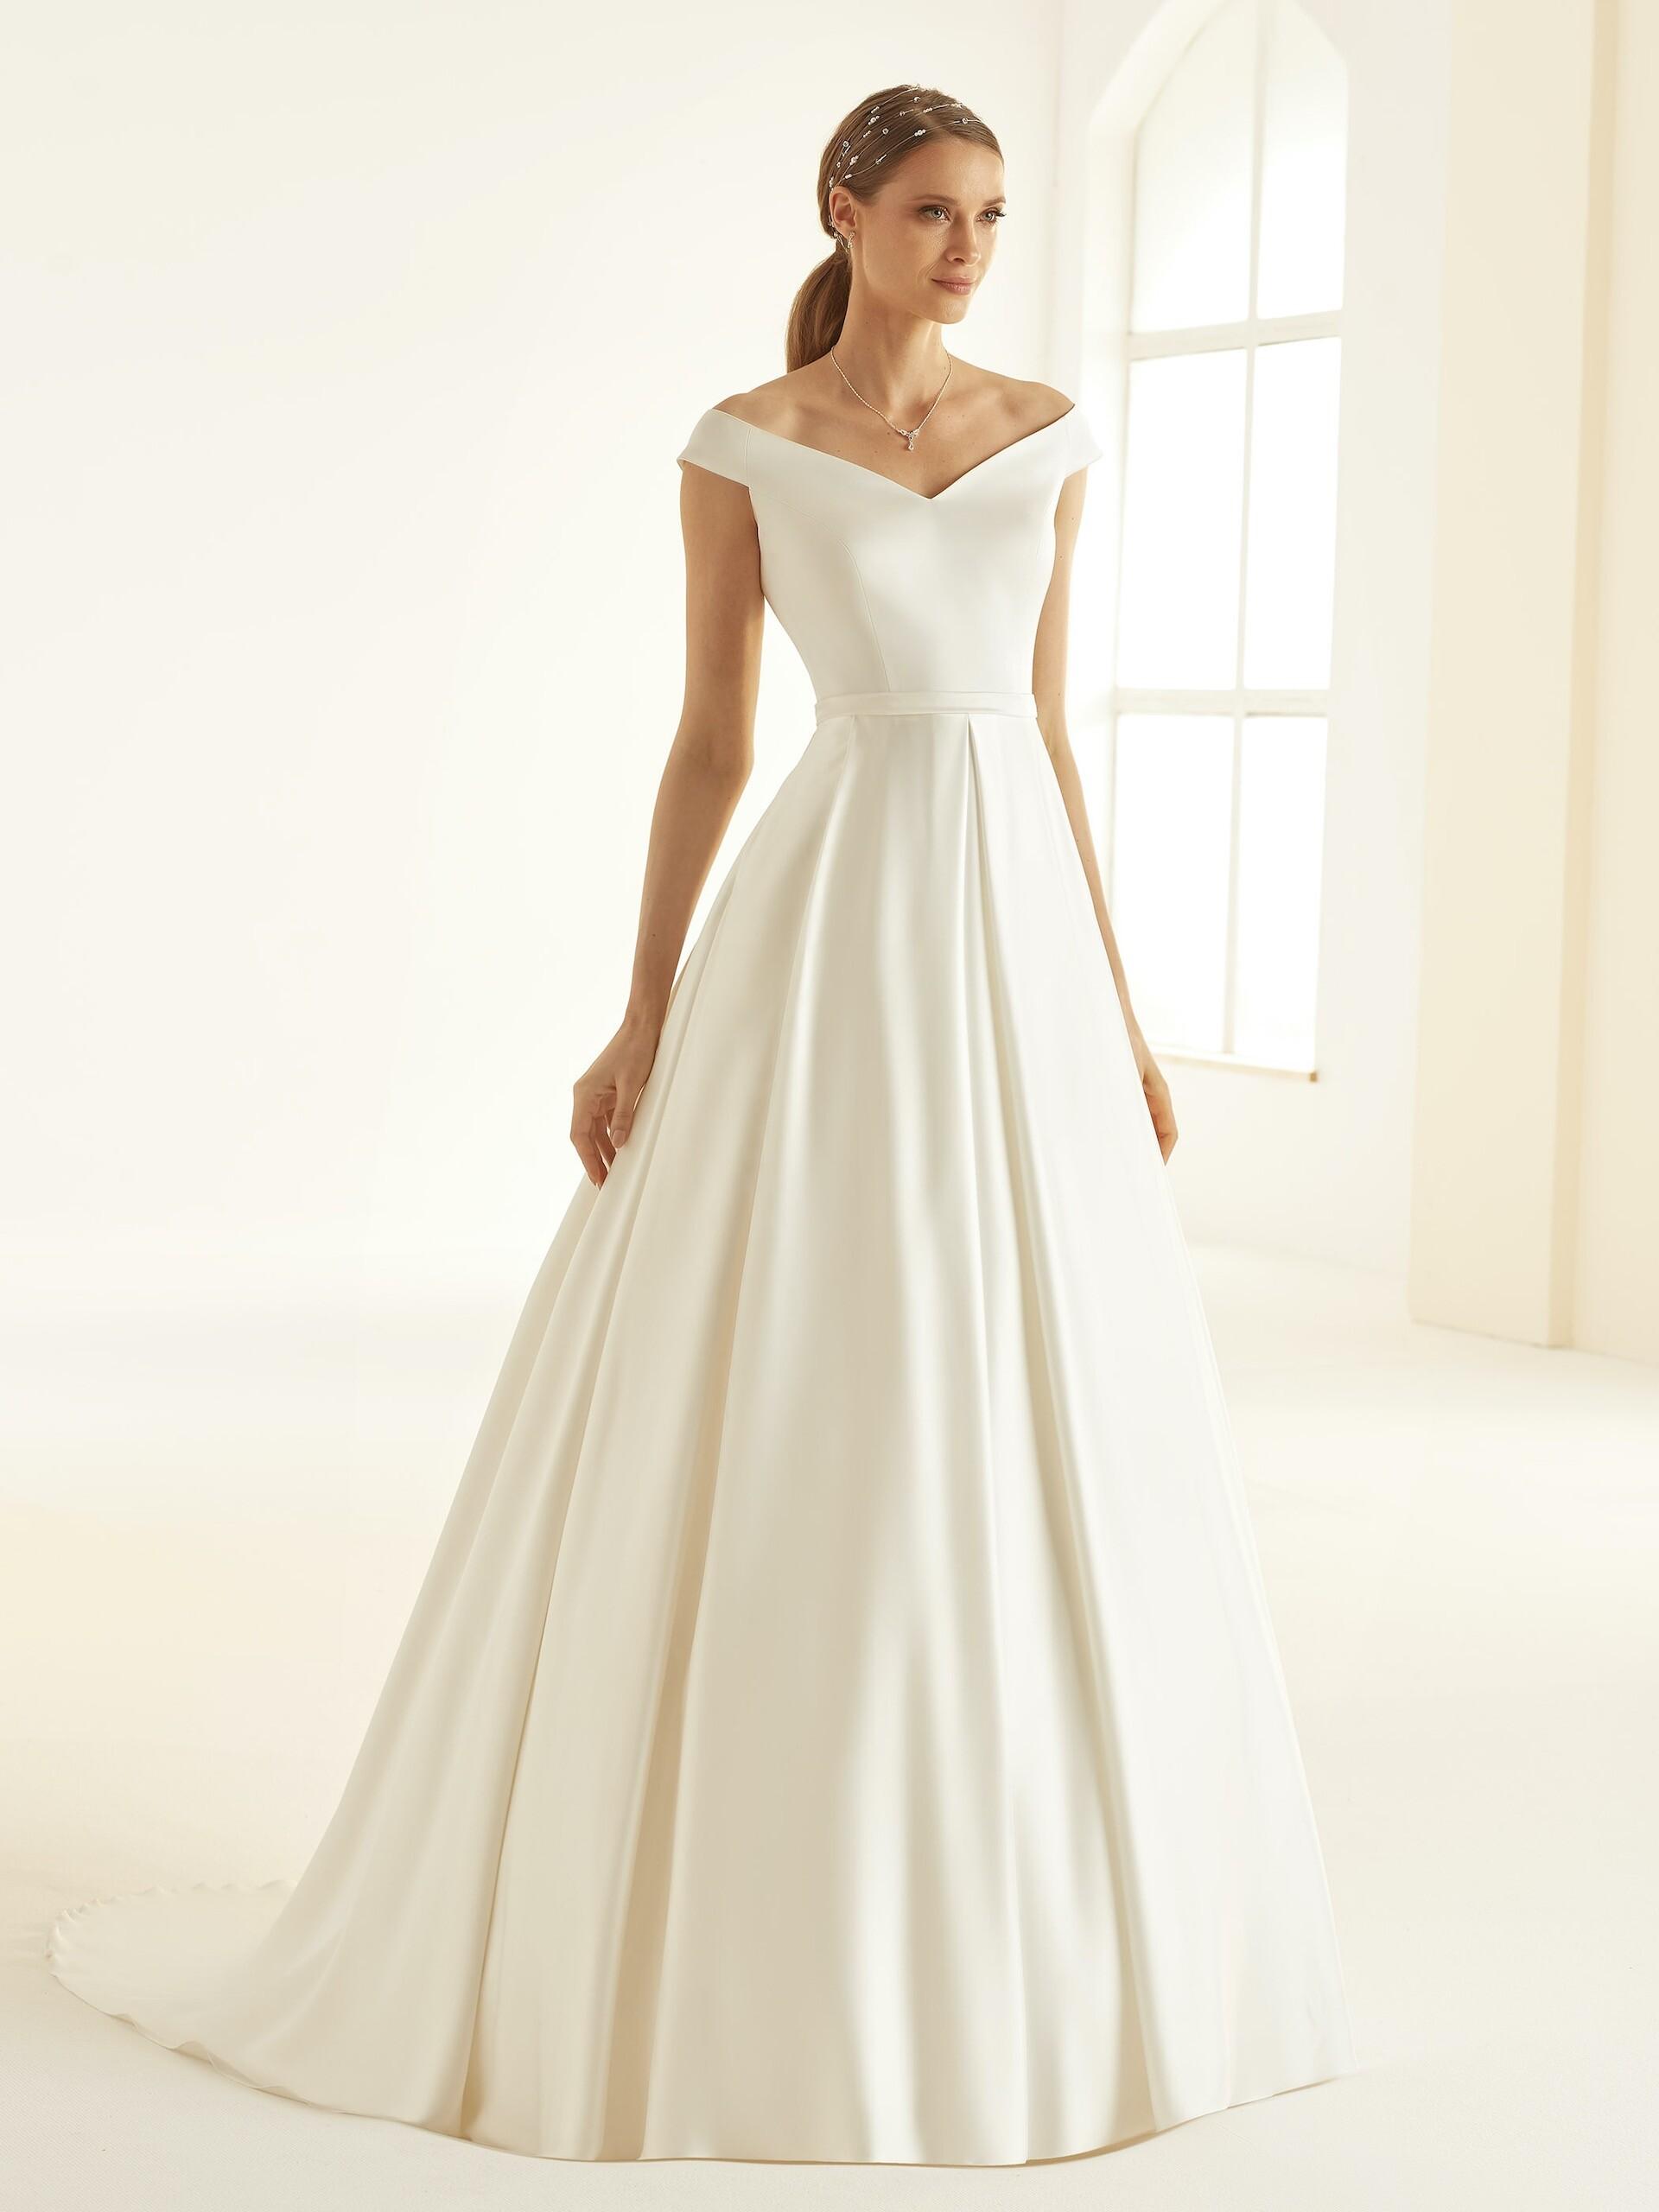 Schulterfreies Hochzeitskleid im puristischen Prinzessstil mit Carmen-Ausschnitt von Bianco Evento, Modell Esmeralda